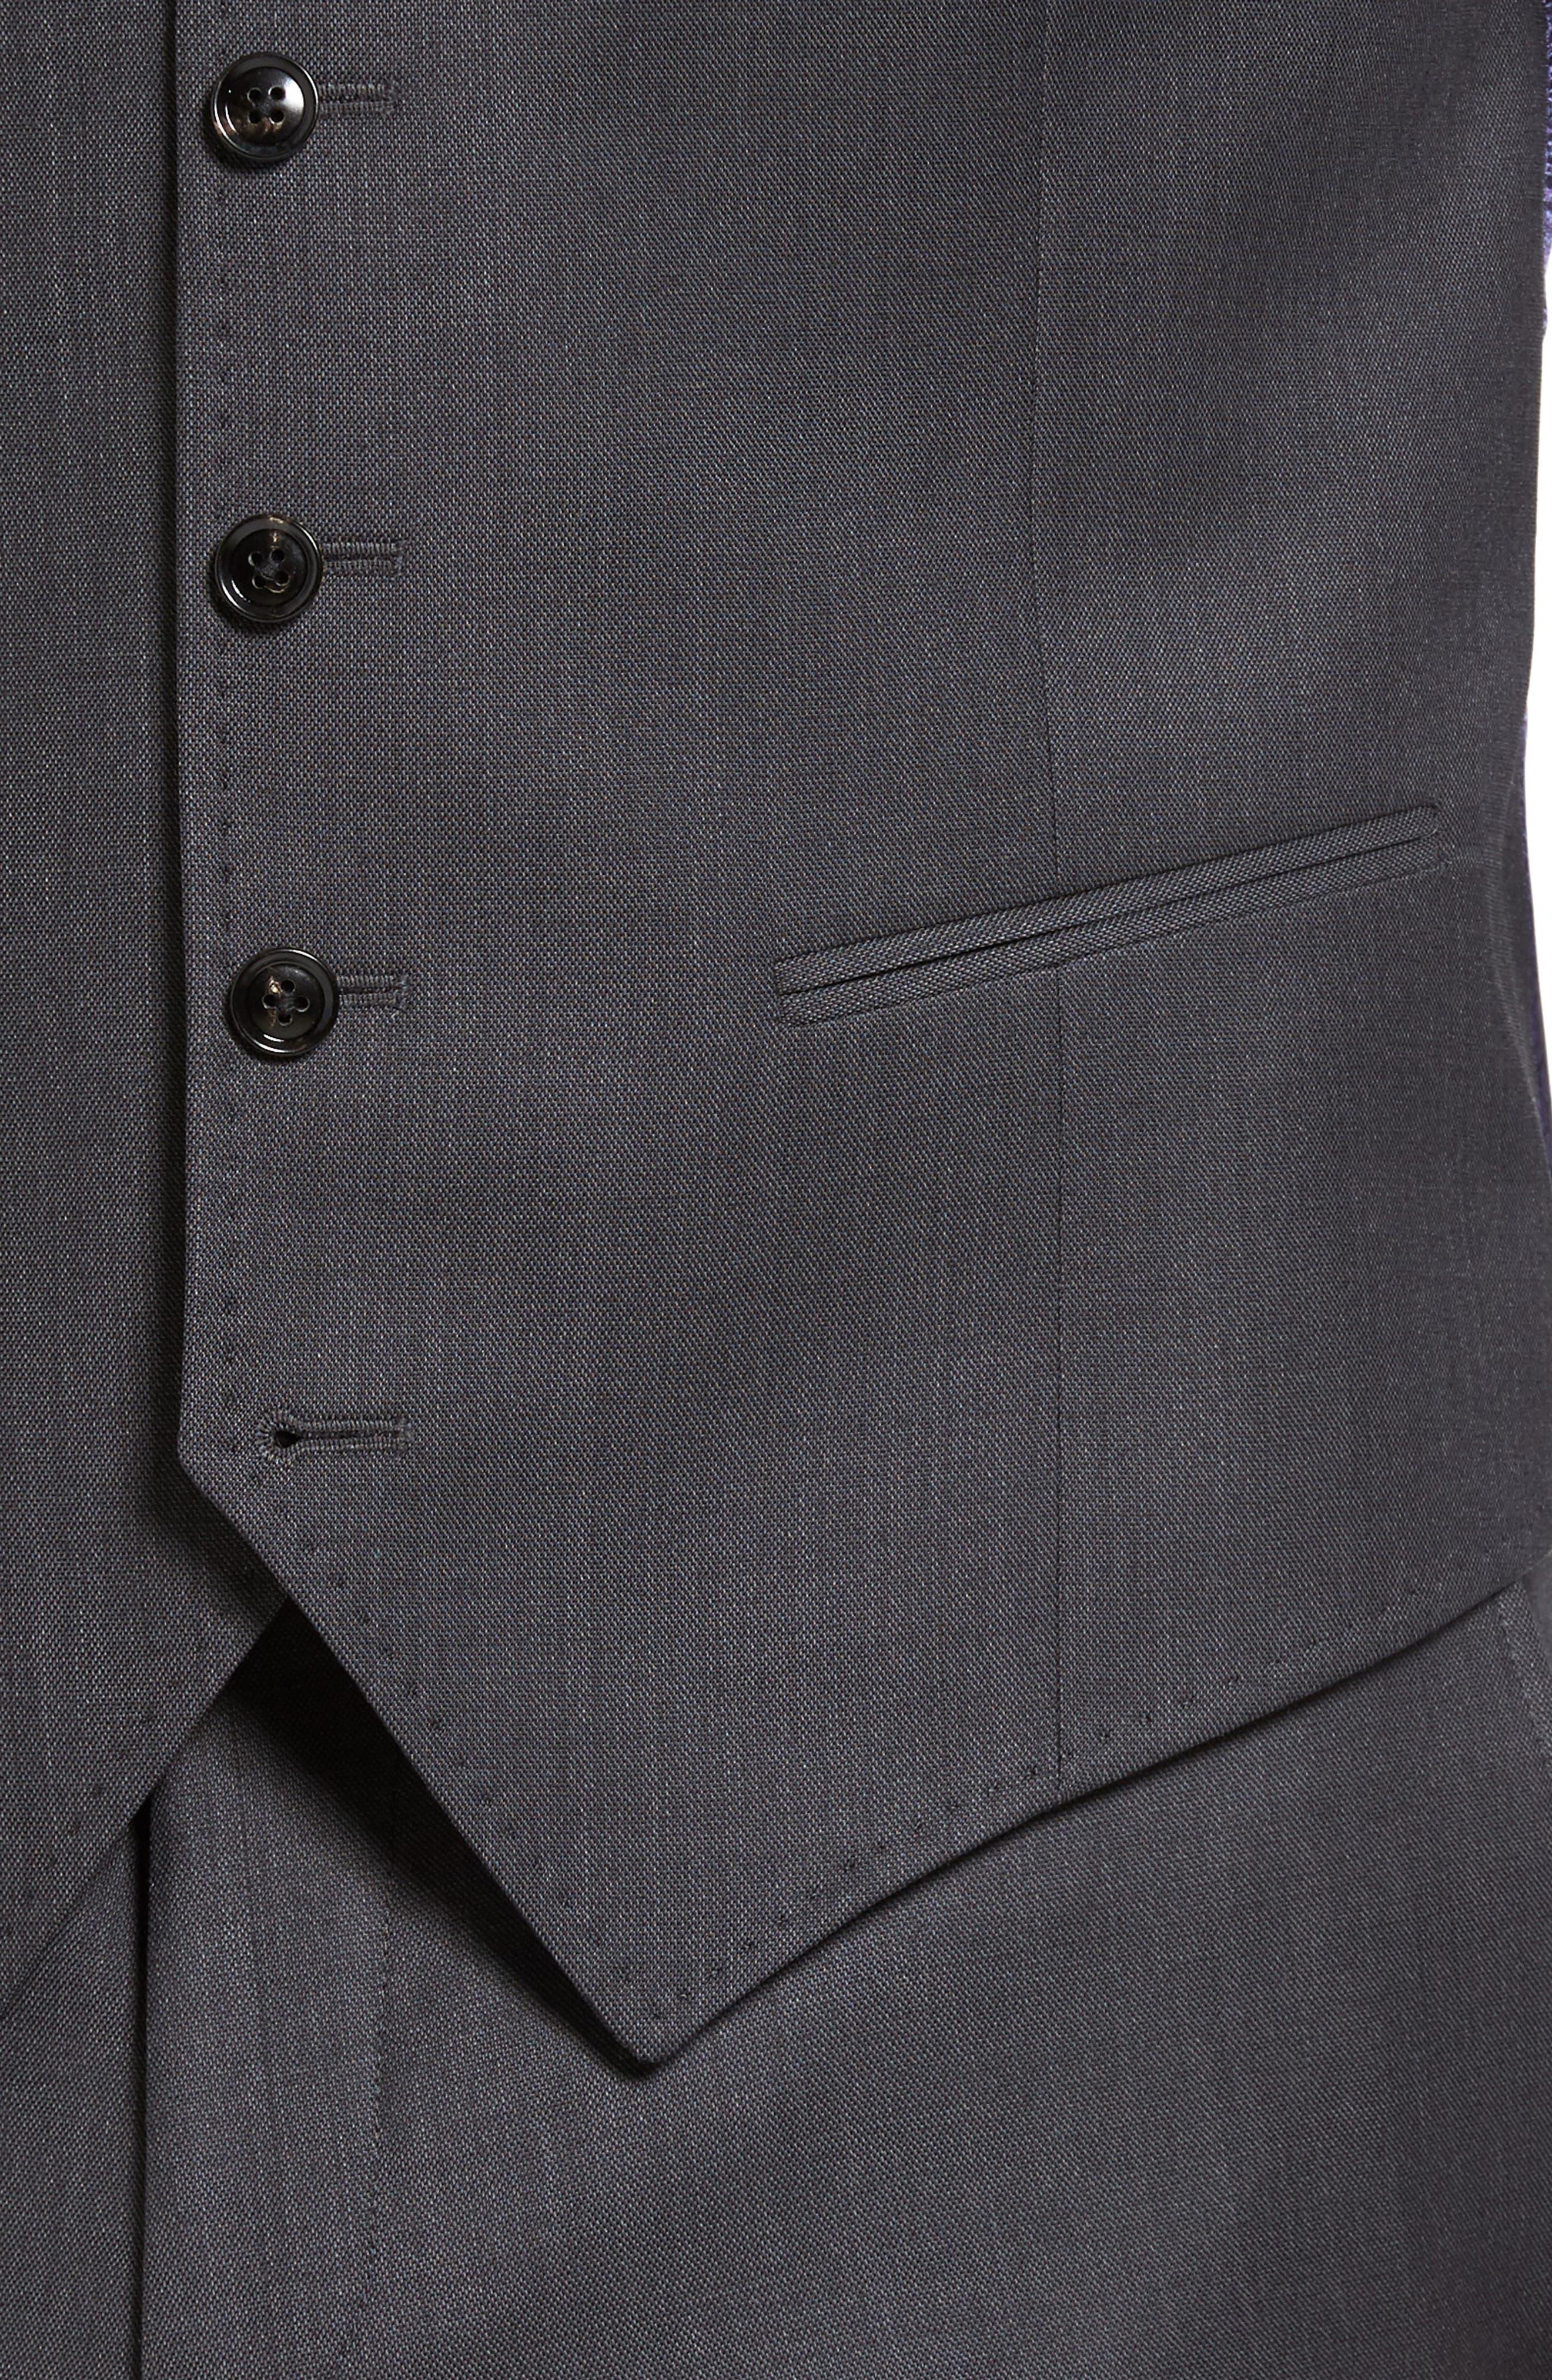 Jones Trim Fit Wool Vest,                             Alternate thumbnail 17, color,